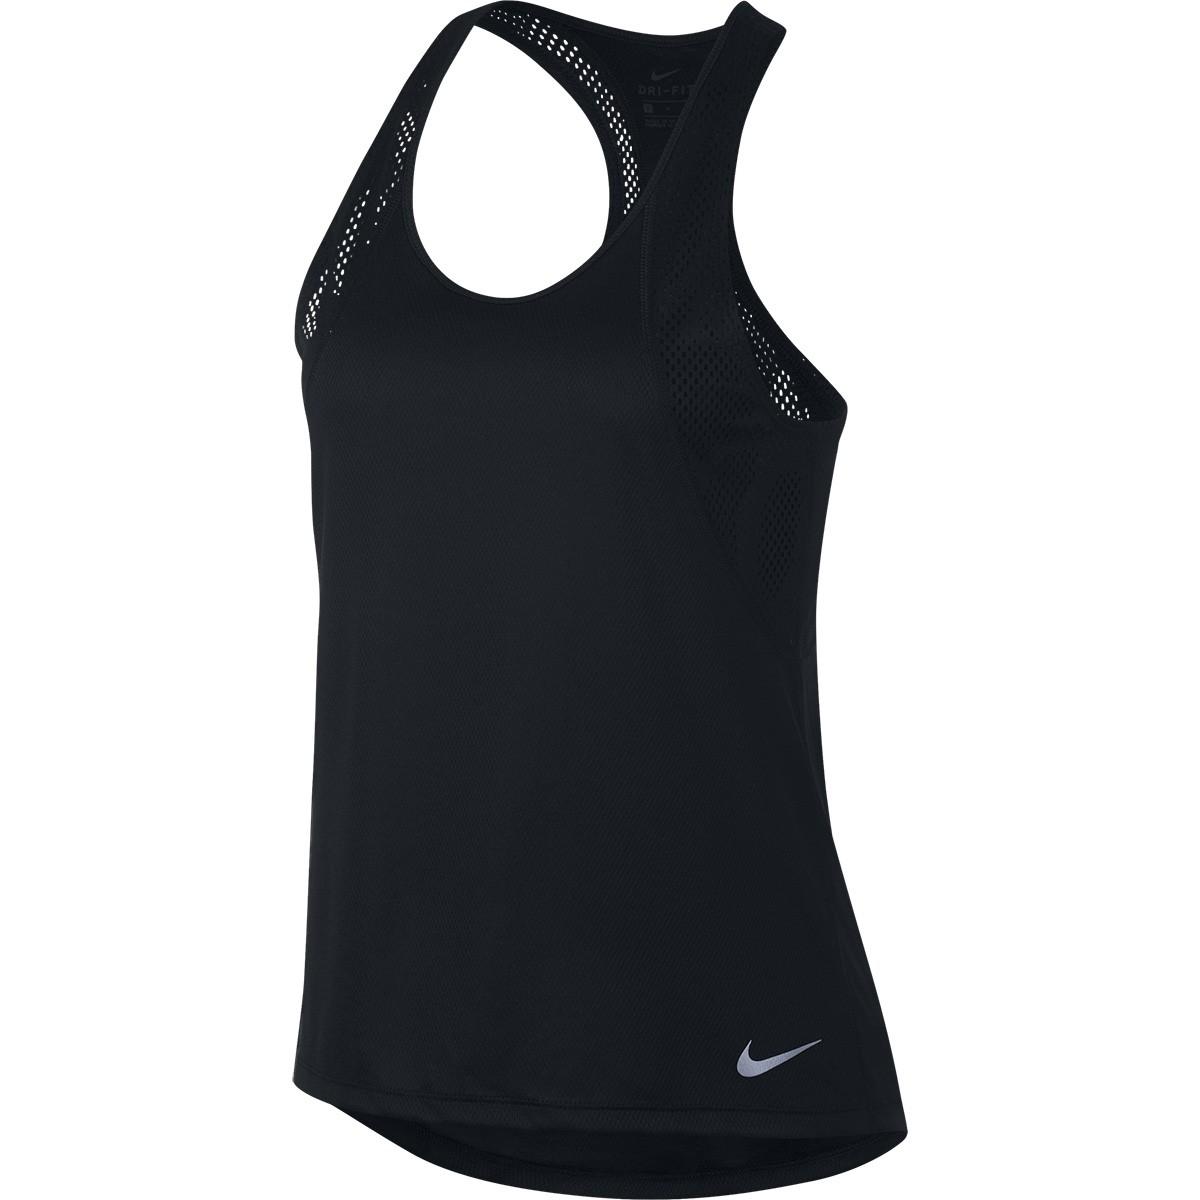 Regata Nike Run Feminina  - Ferron Sport